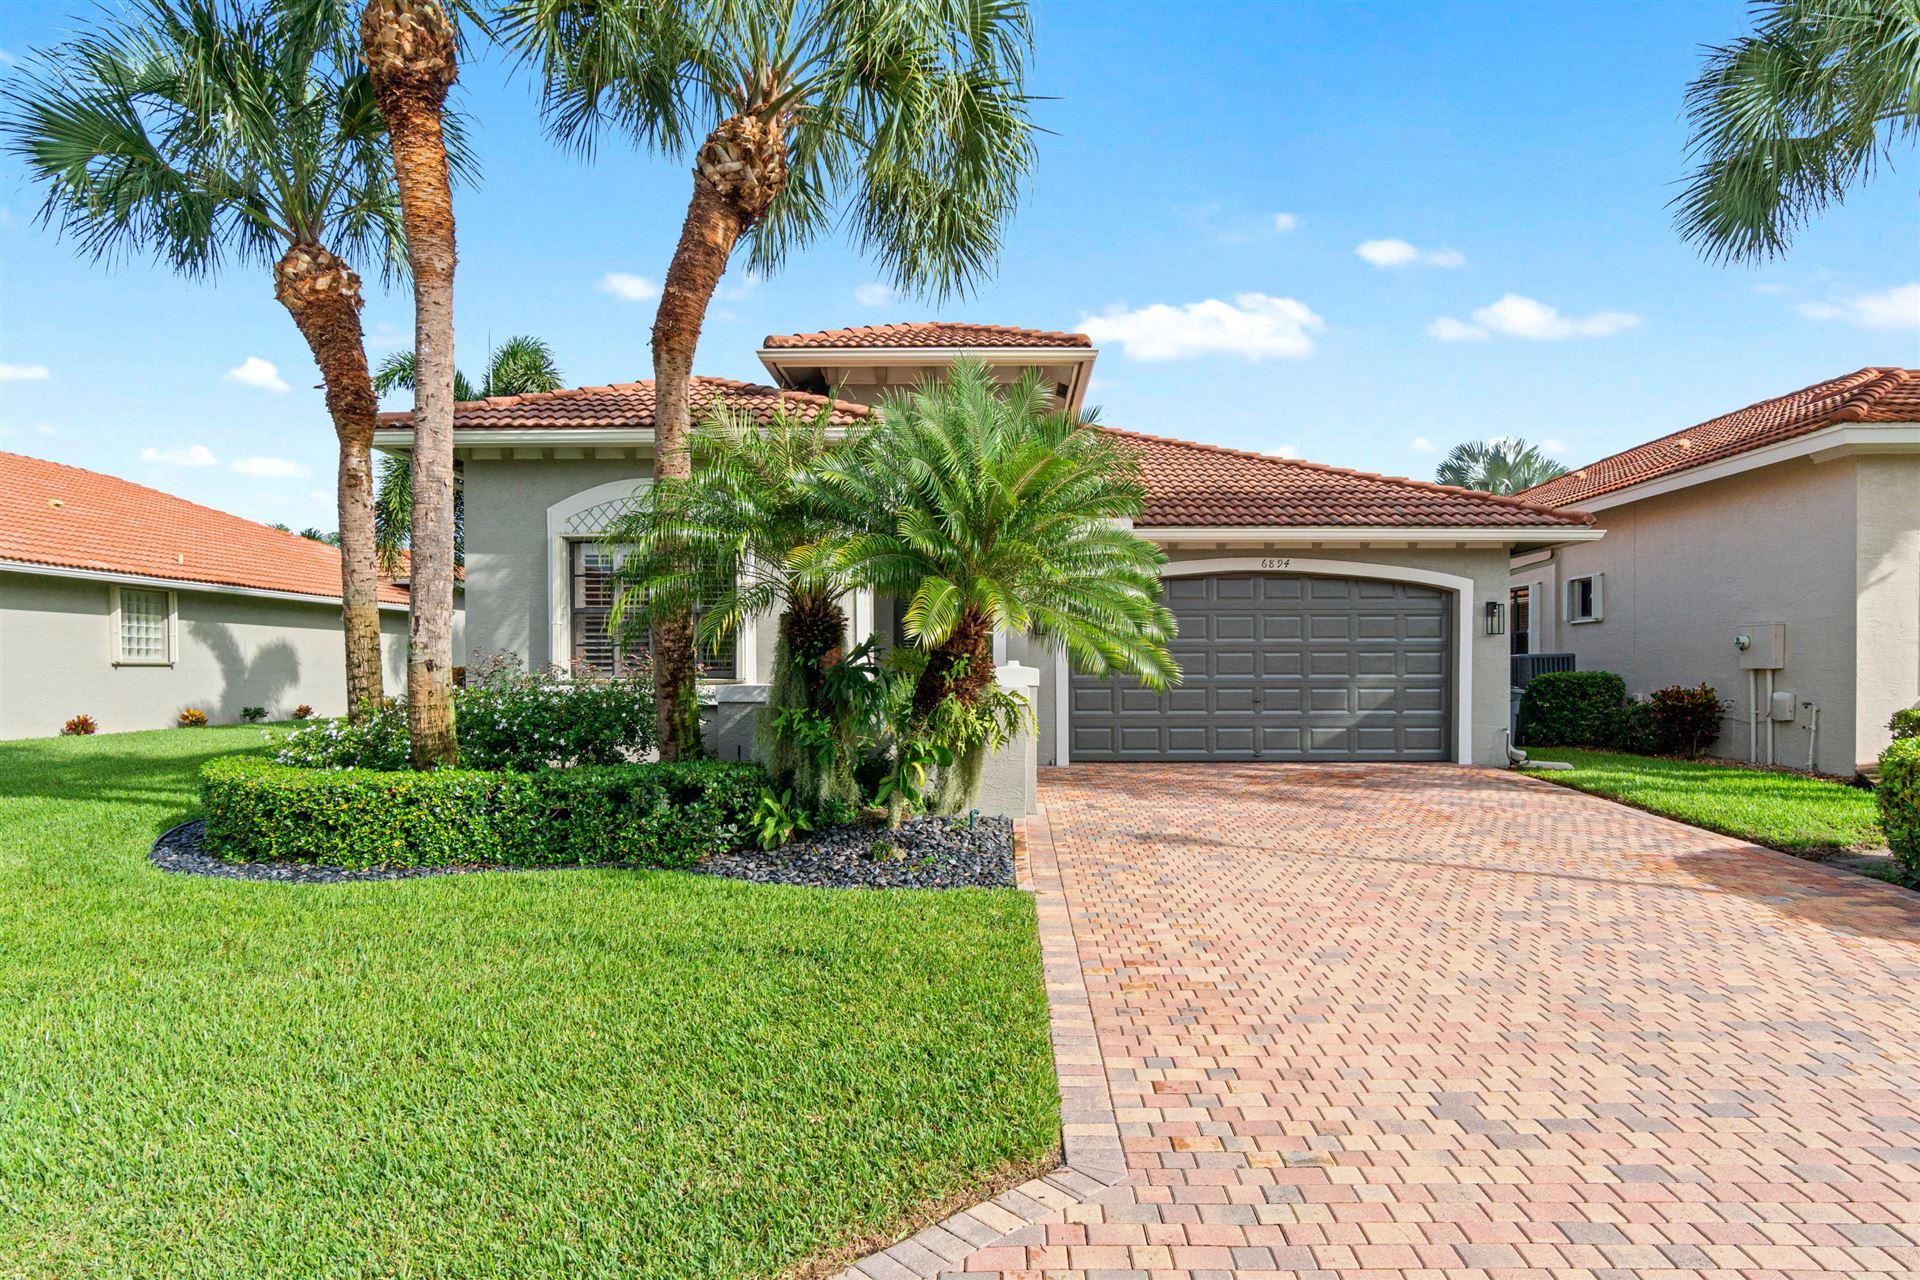 6894 Boscanni Drive, Boynton Beach, FL 33437 - #: RX-10661896